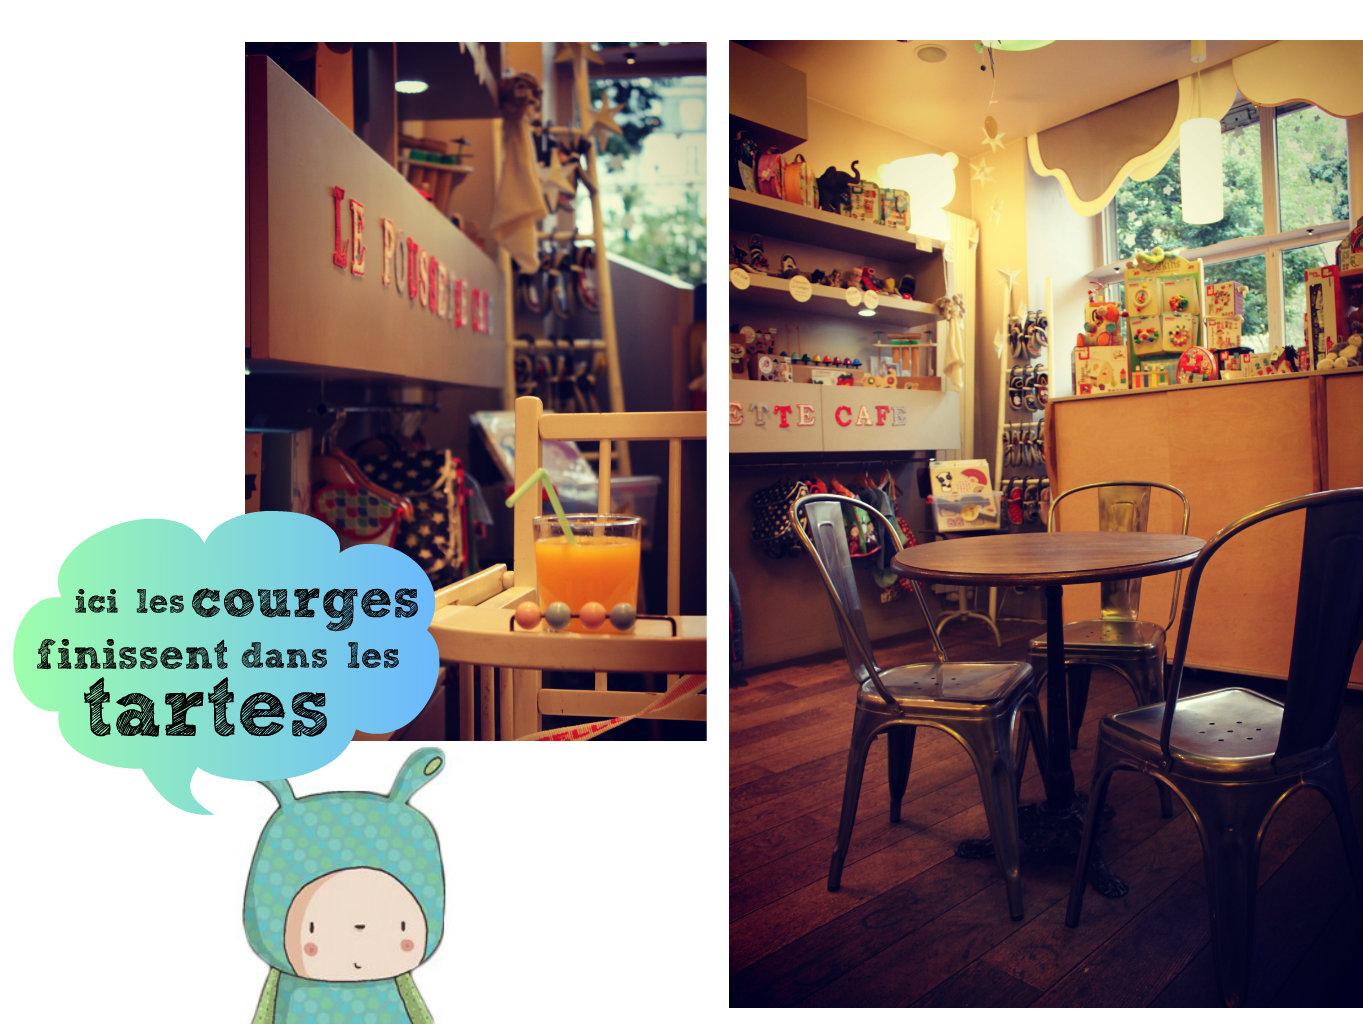 bbnove e-shop puériculture design - concept store made in france pour bébés Poussette Café Paris